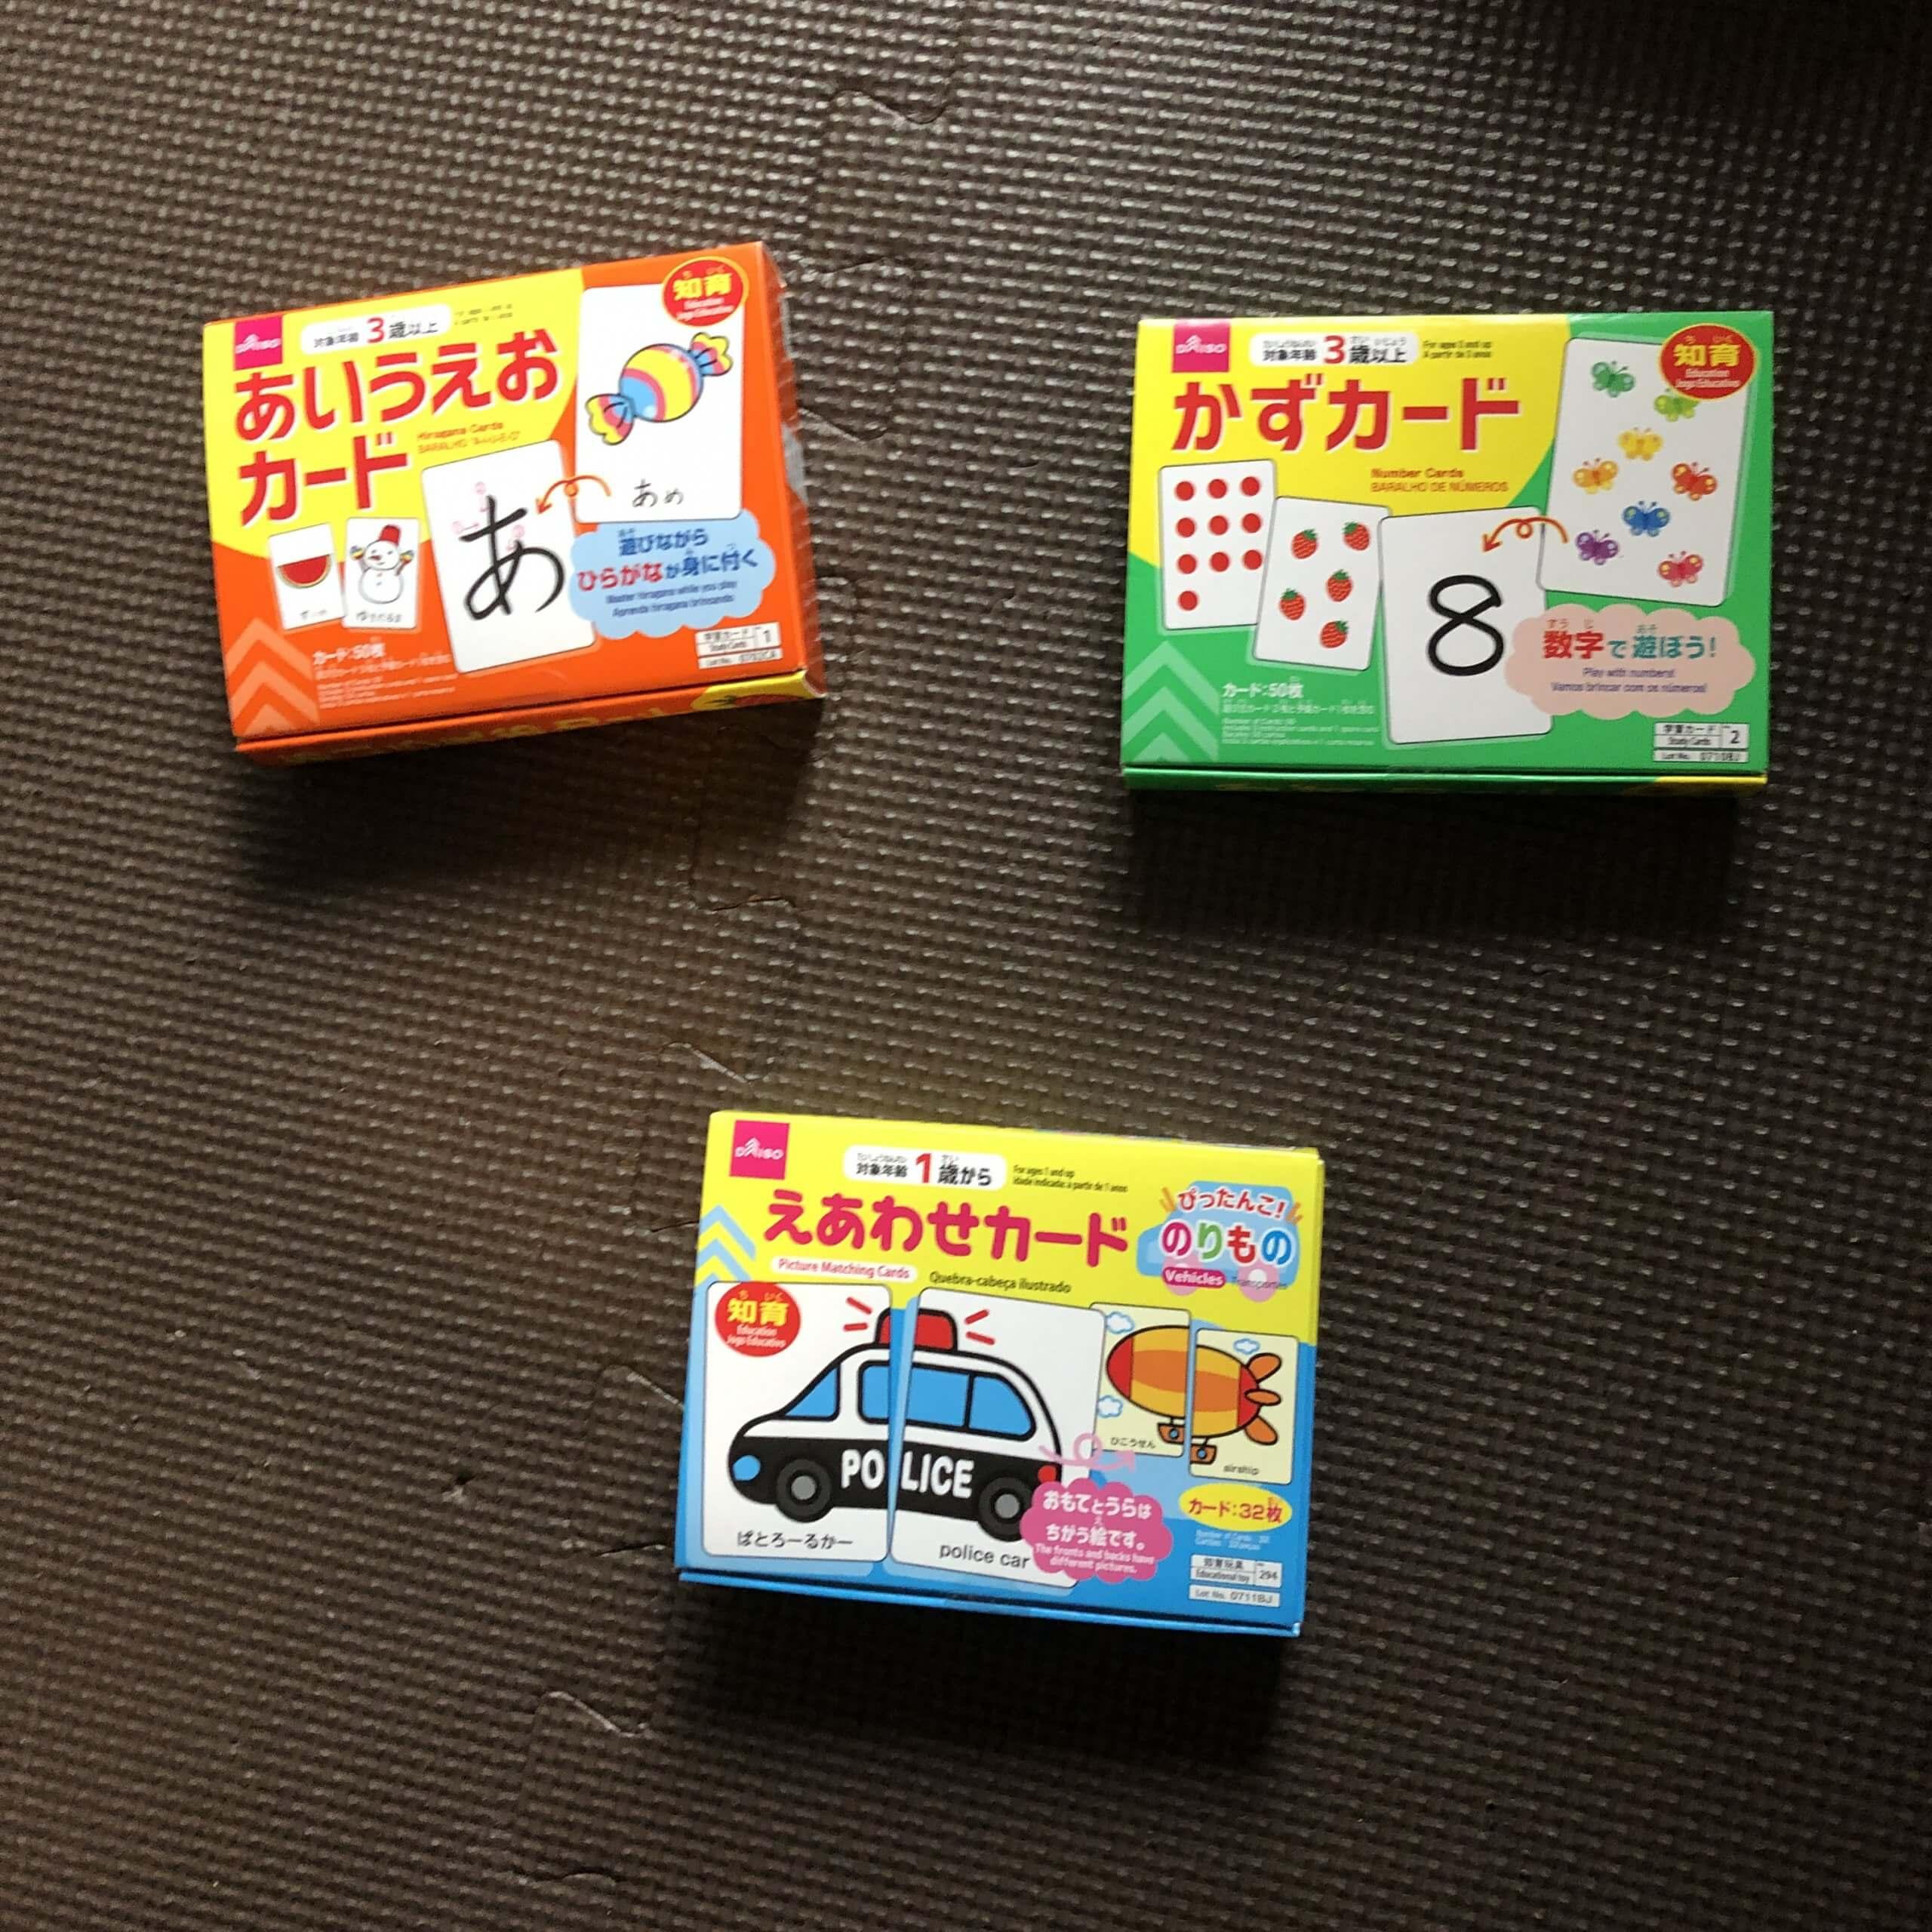 絵合わせ カード ダイソー 【ダイソーの知育玩具】えあわせカードを3種類全部買ってみた!おススメな理由4選